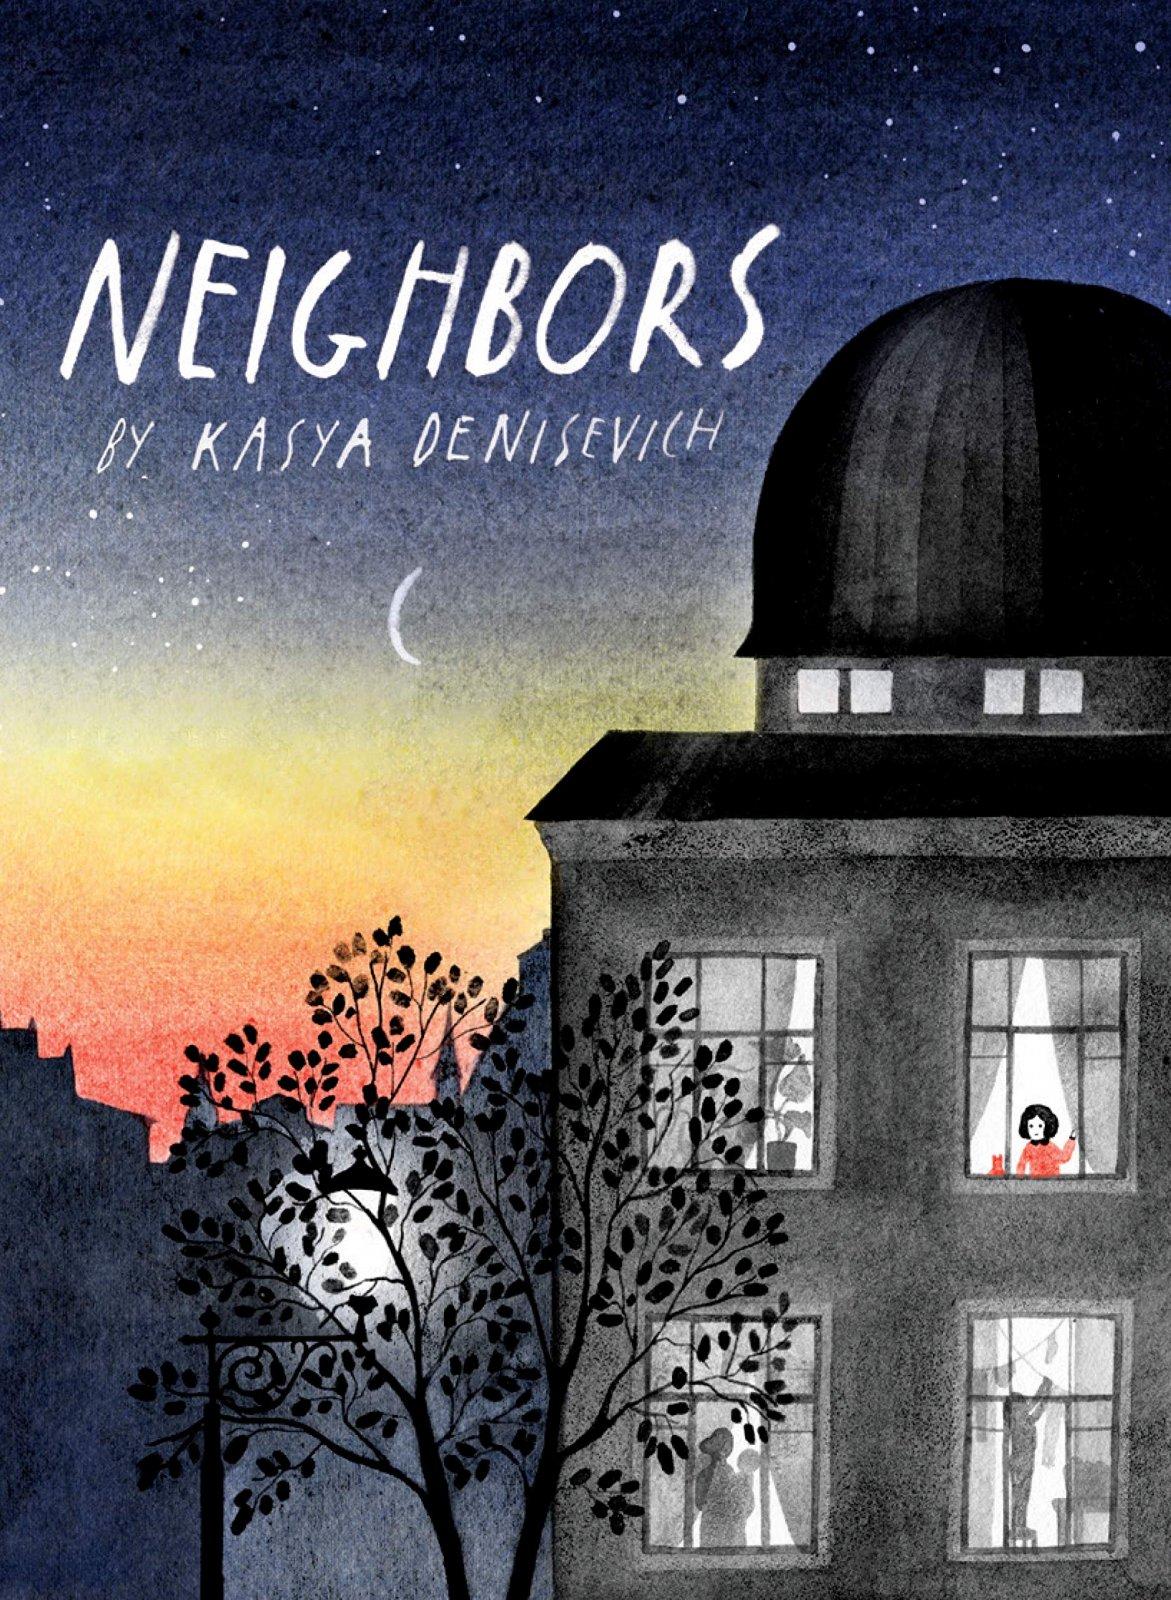 Neighbors by Kasya Denisevich